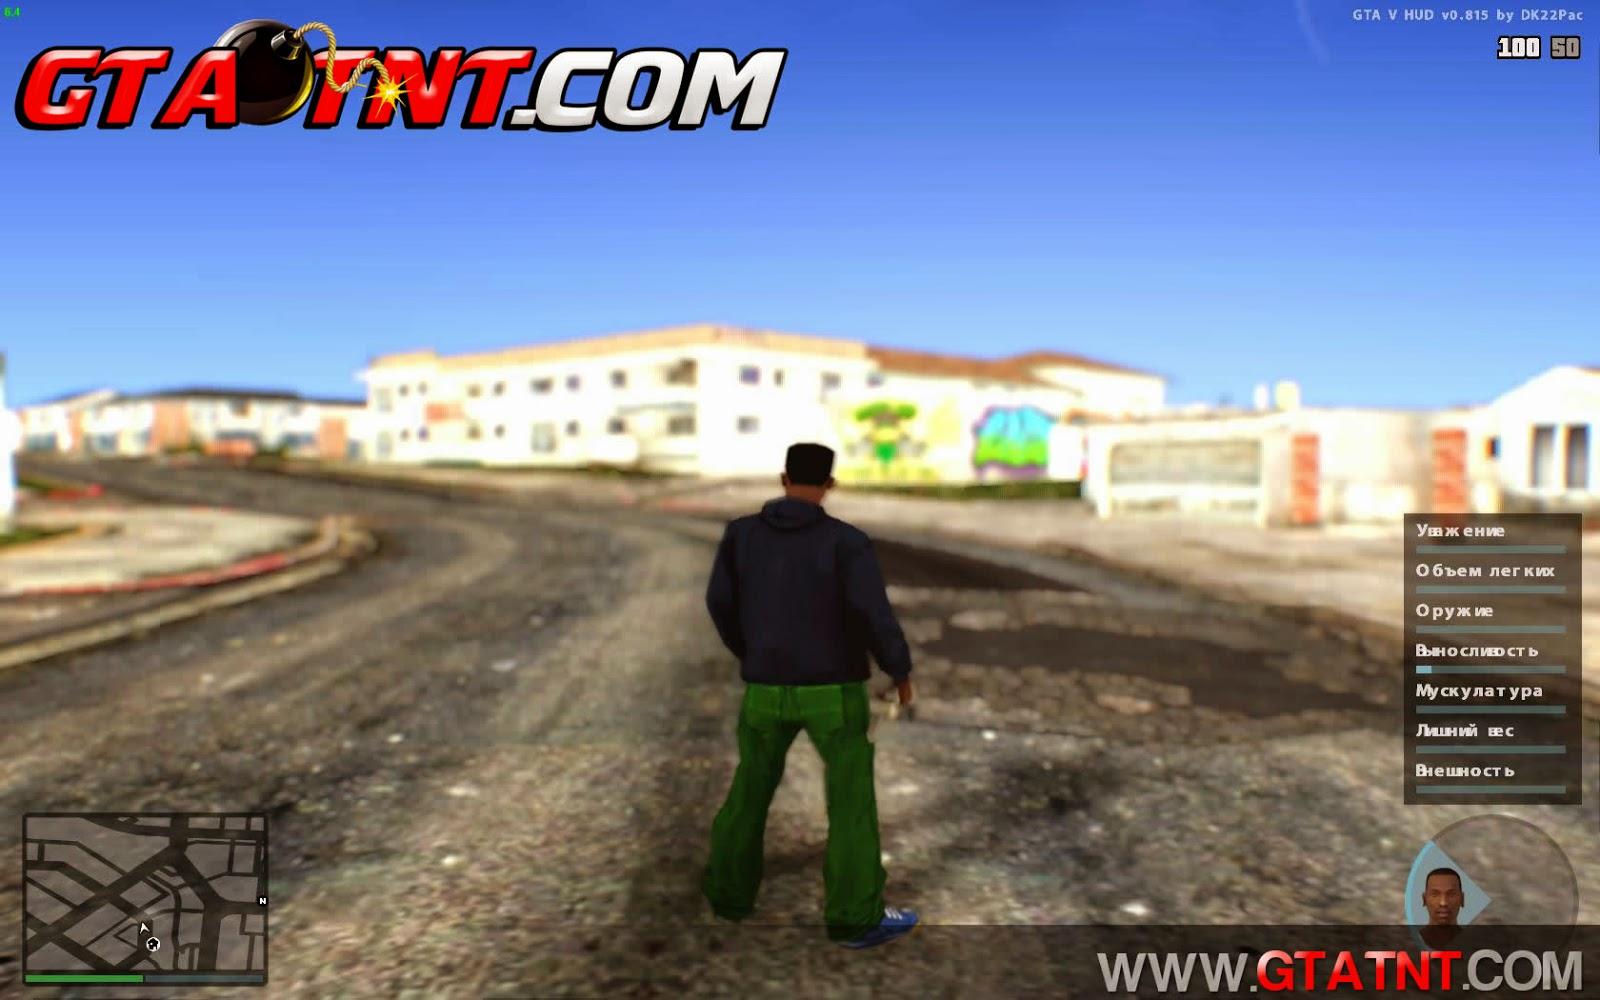 GTA SA - HUD + GPS + Menu de Armas + Troca de Personagem do GTA 5 Gta_sa%2B2014-09-03%2B11-16-31-88